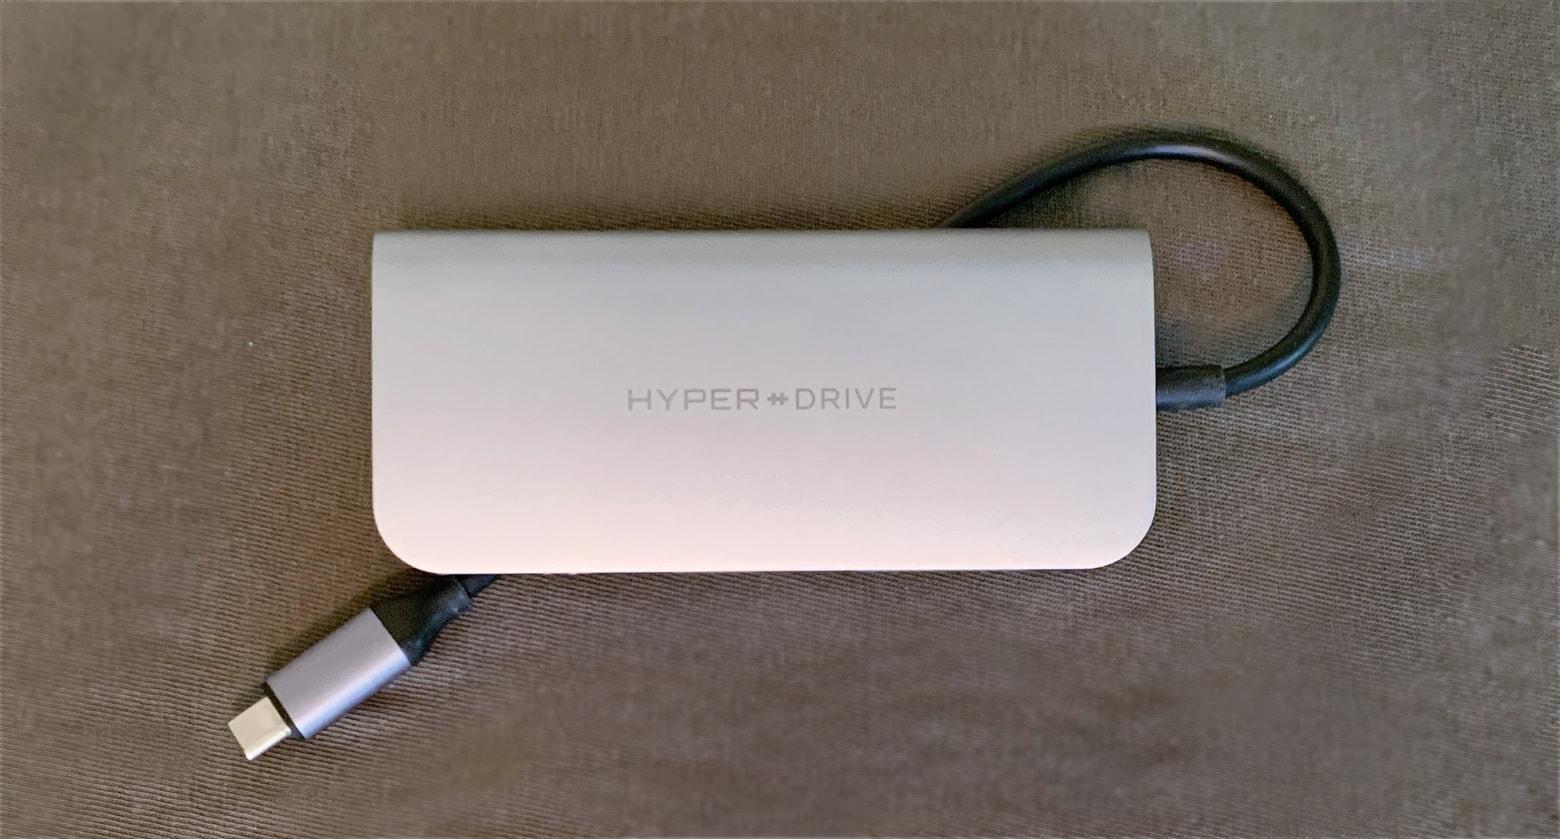 Sanho HyperDrive Power 9-in-1 USB-C Hub